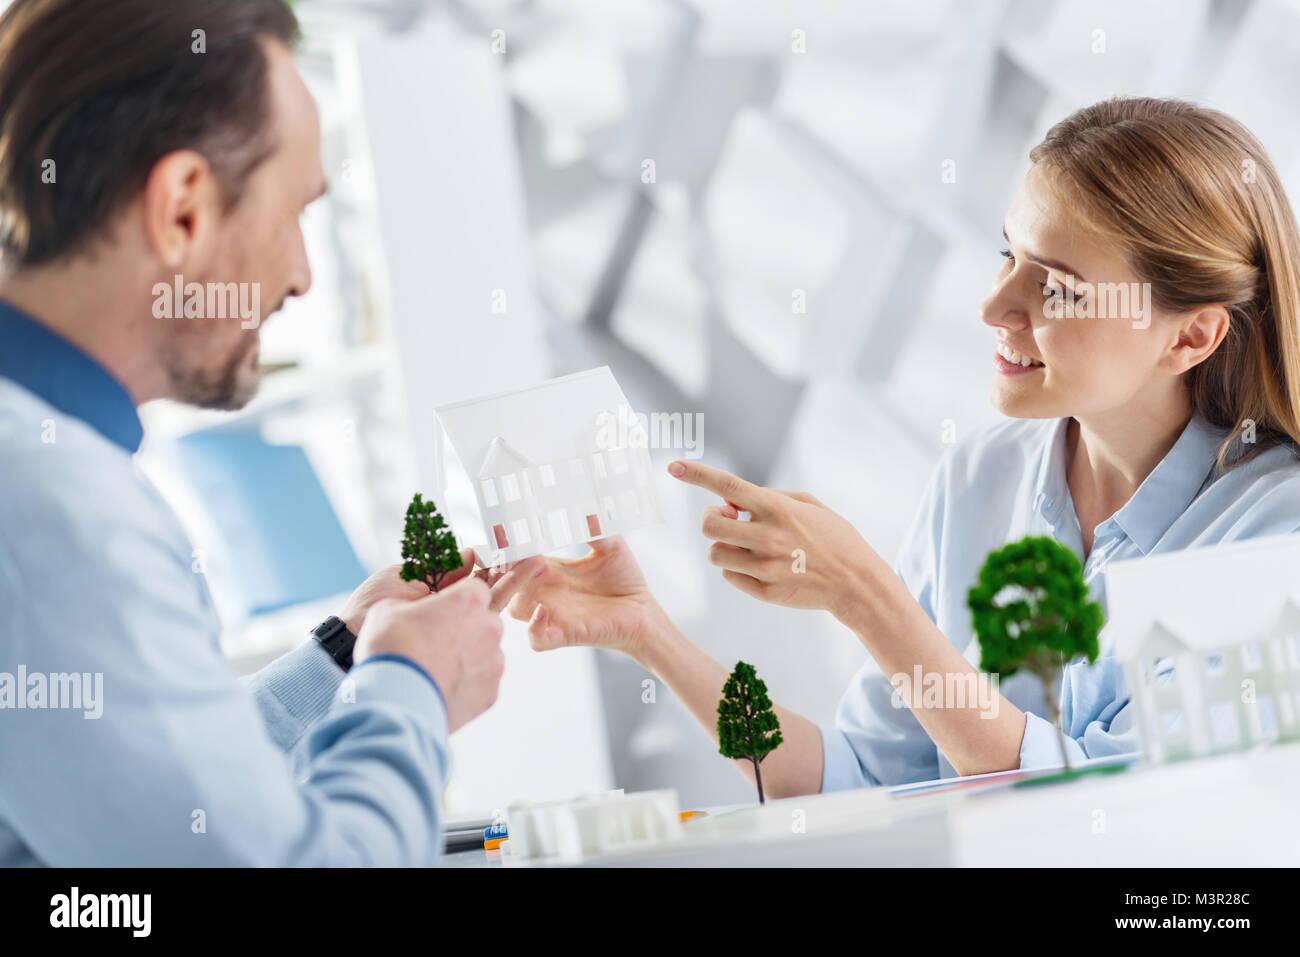 Delighted landscape designers working together - Stock Image